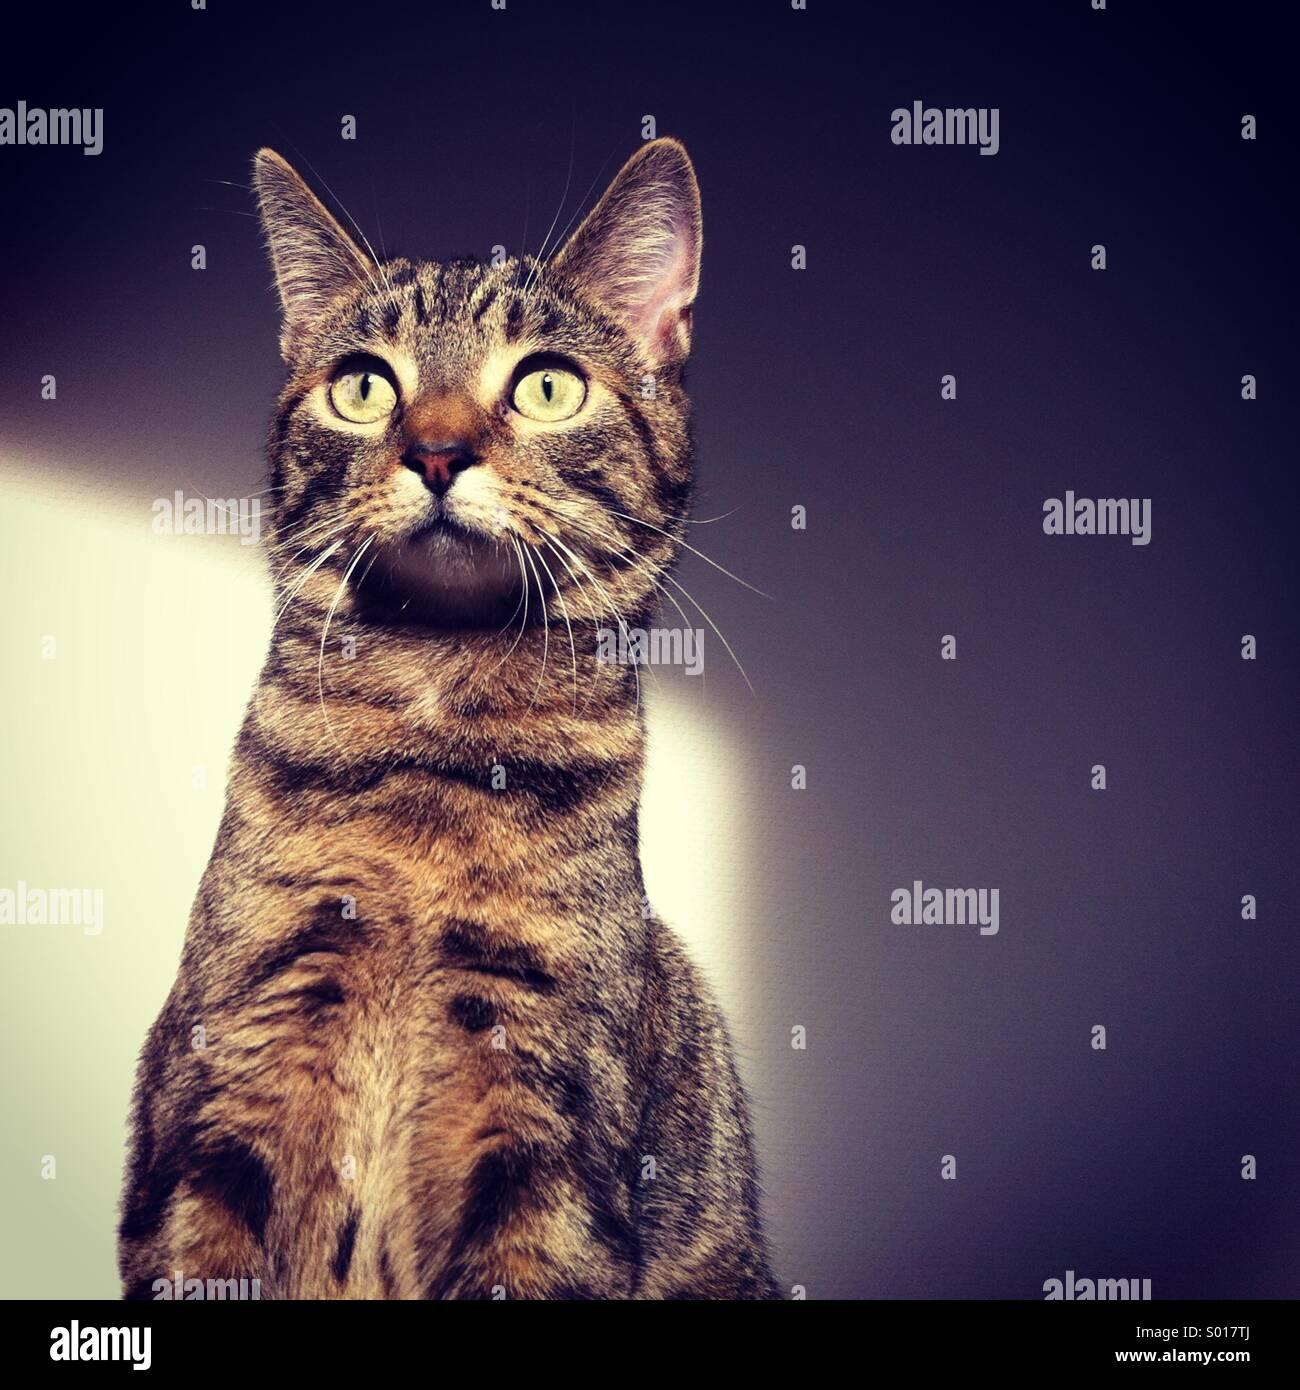 Giovani, domestici Tabby cat pet seduto accanto a muro bianco, con ombra e luce. Immagini Stock